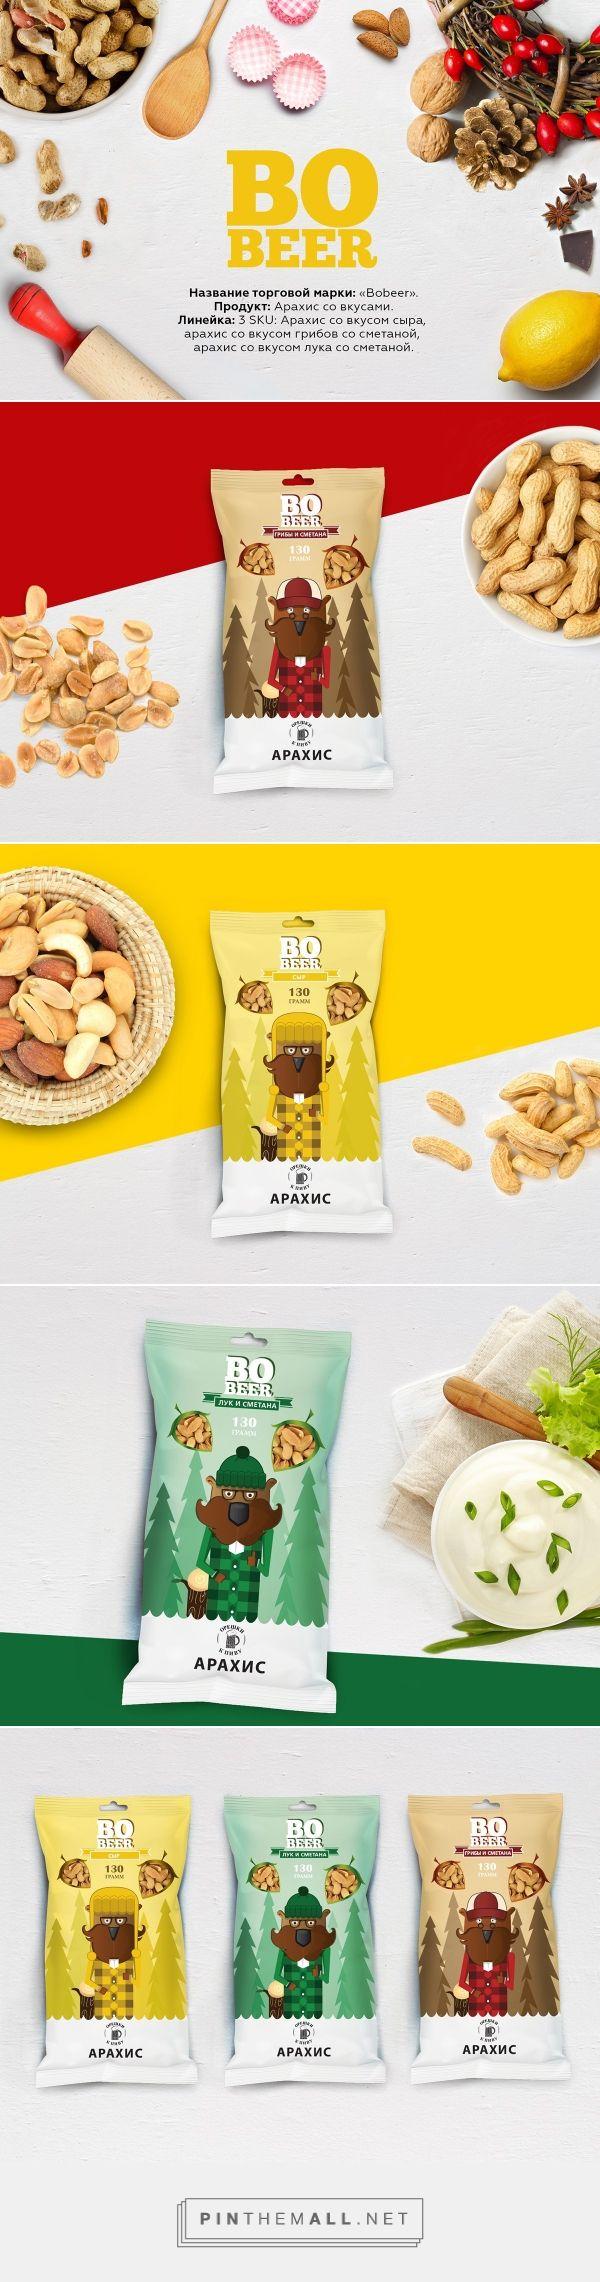 The Best Packaging | BoBeer – арахис к пиву (Концепт) by Viktoria Pl. Walker curated by Packaging Diva PD.  Nuts for the packaging smile file : )